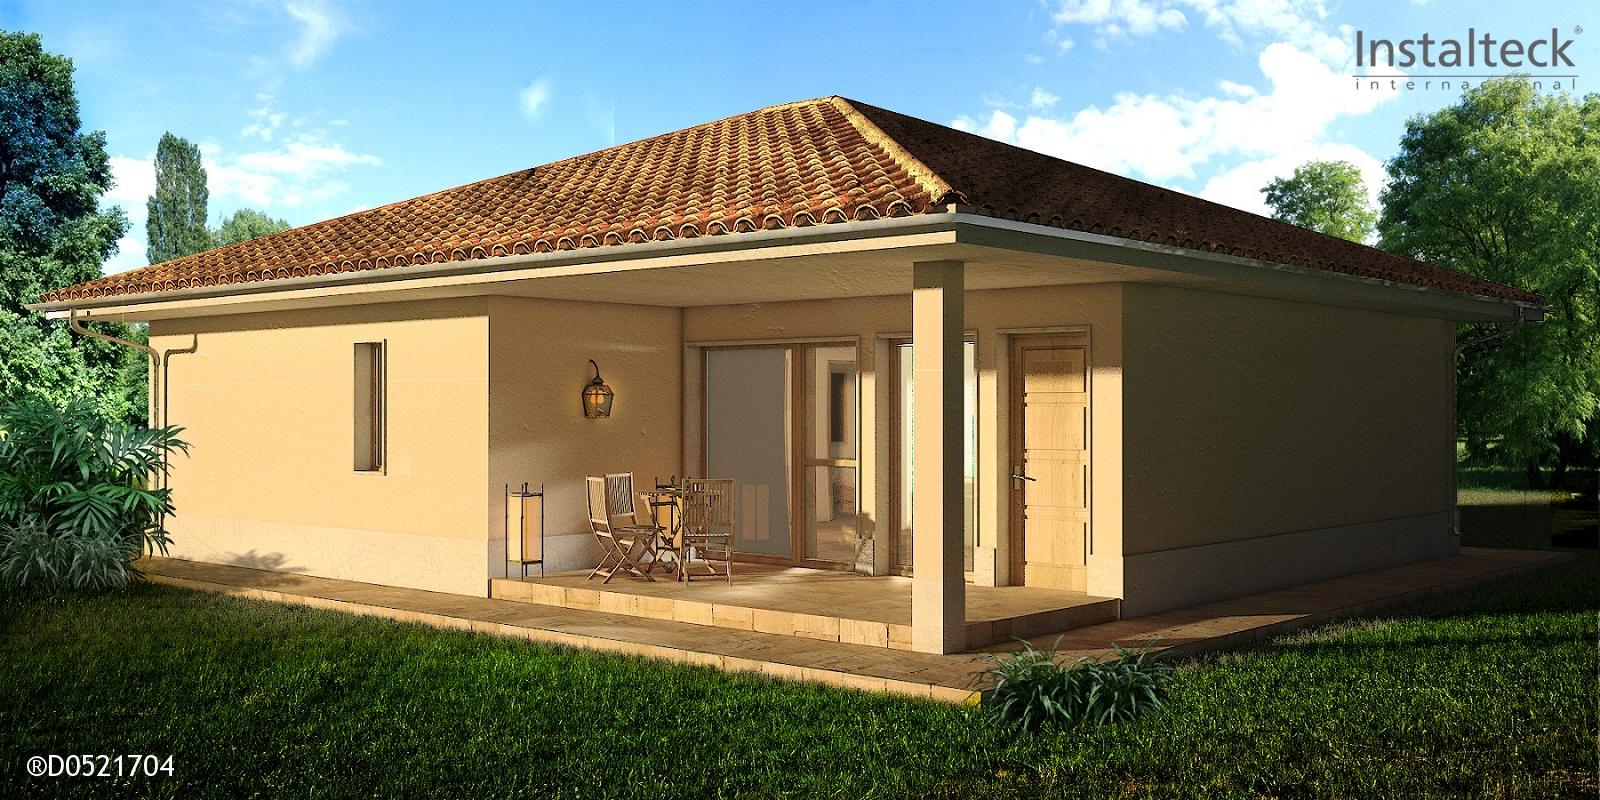 Modelo de casa prefabricada 111. Exterior 1 1600